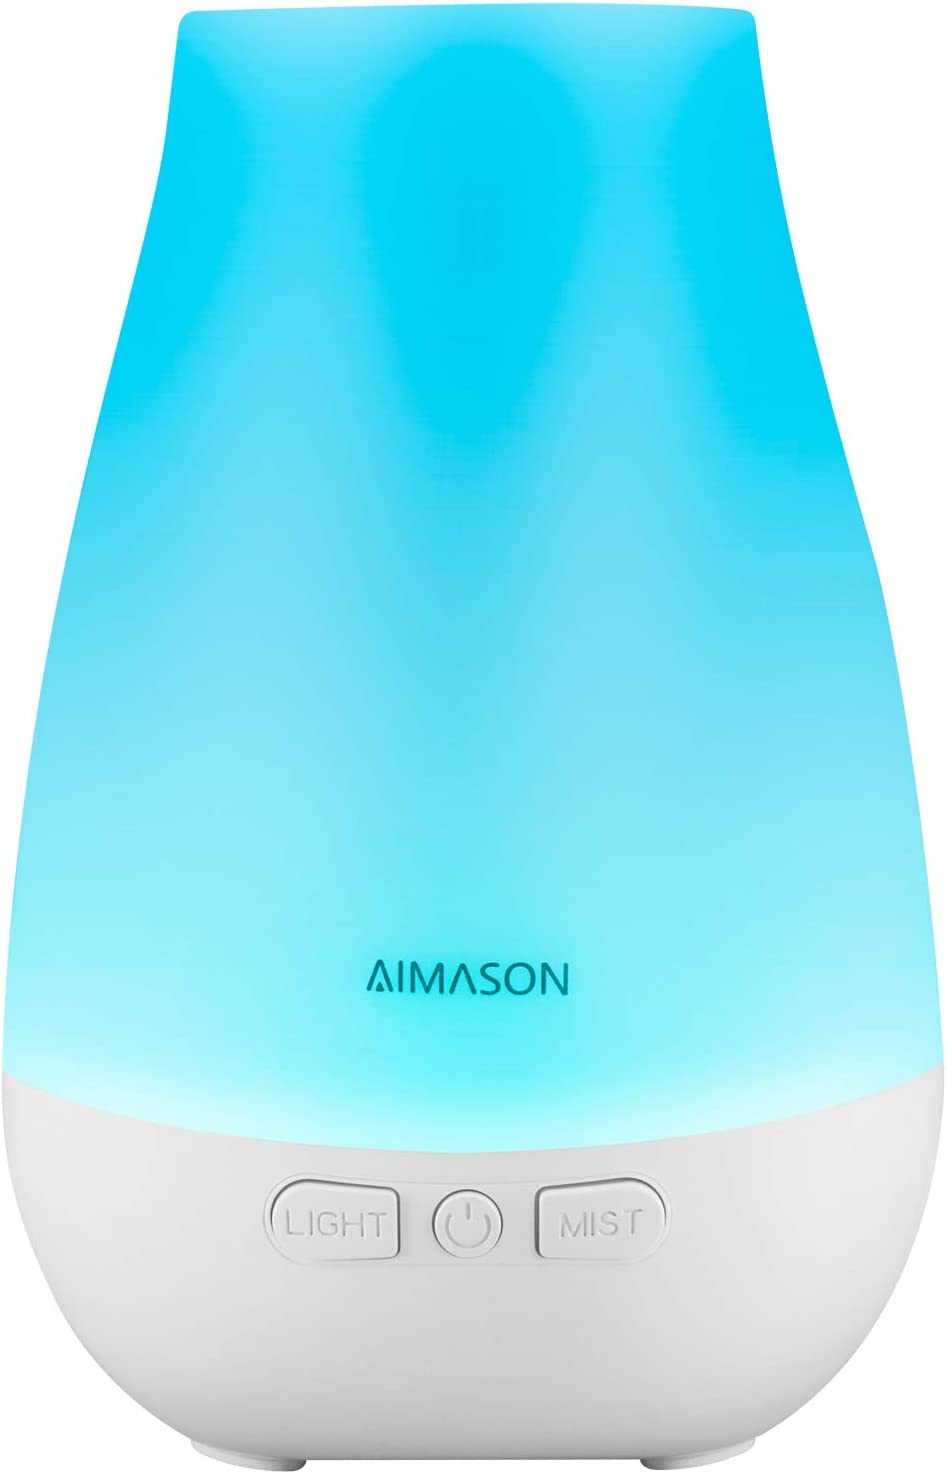 AIMASON 3rd Version 180ML Essential Oil Diffuser, BPA Free